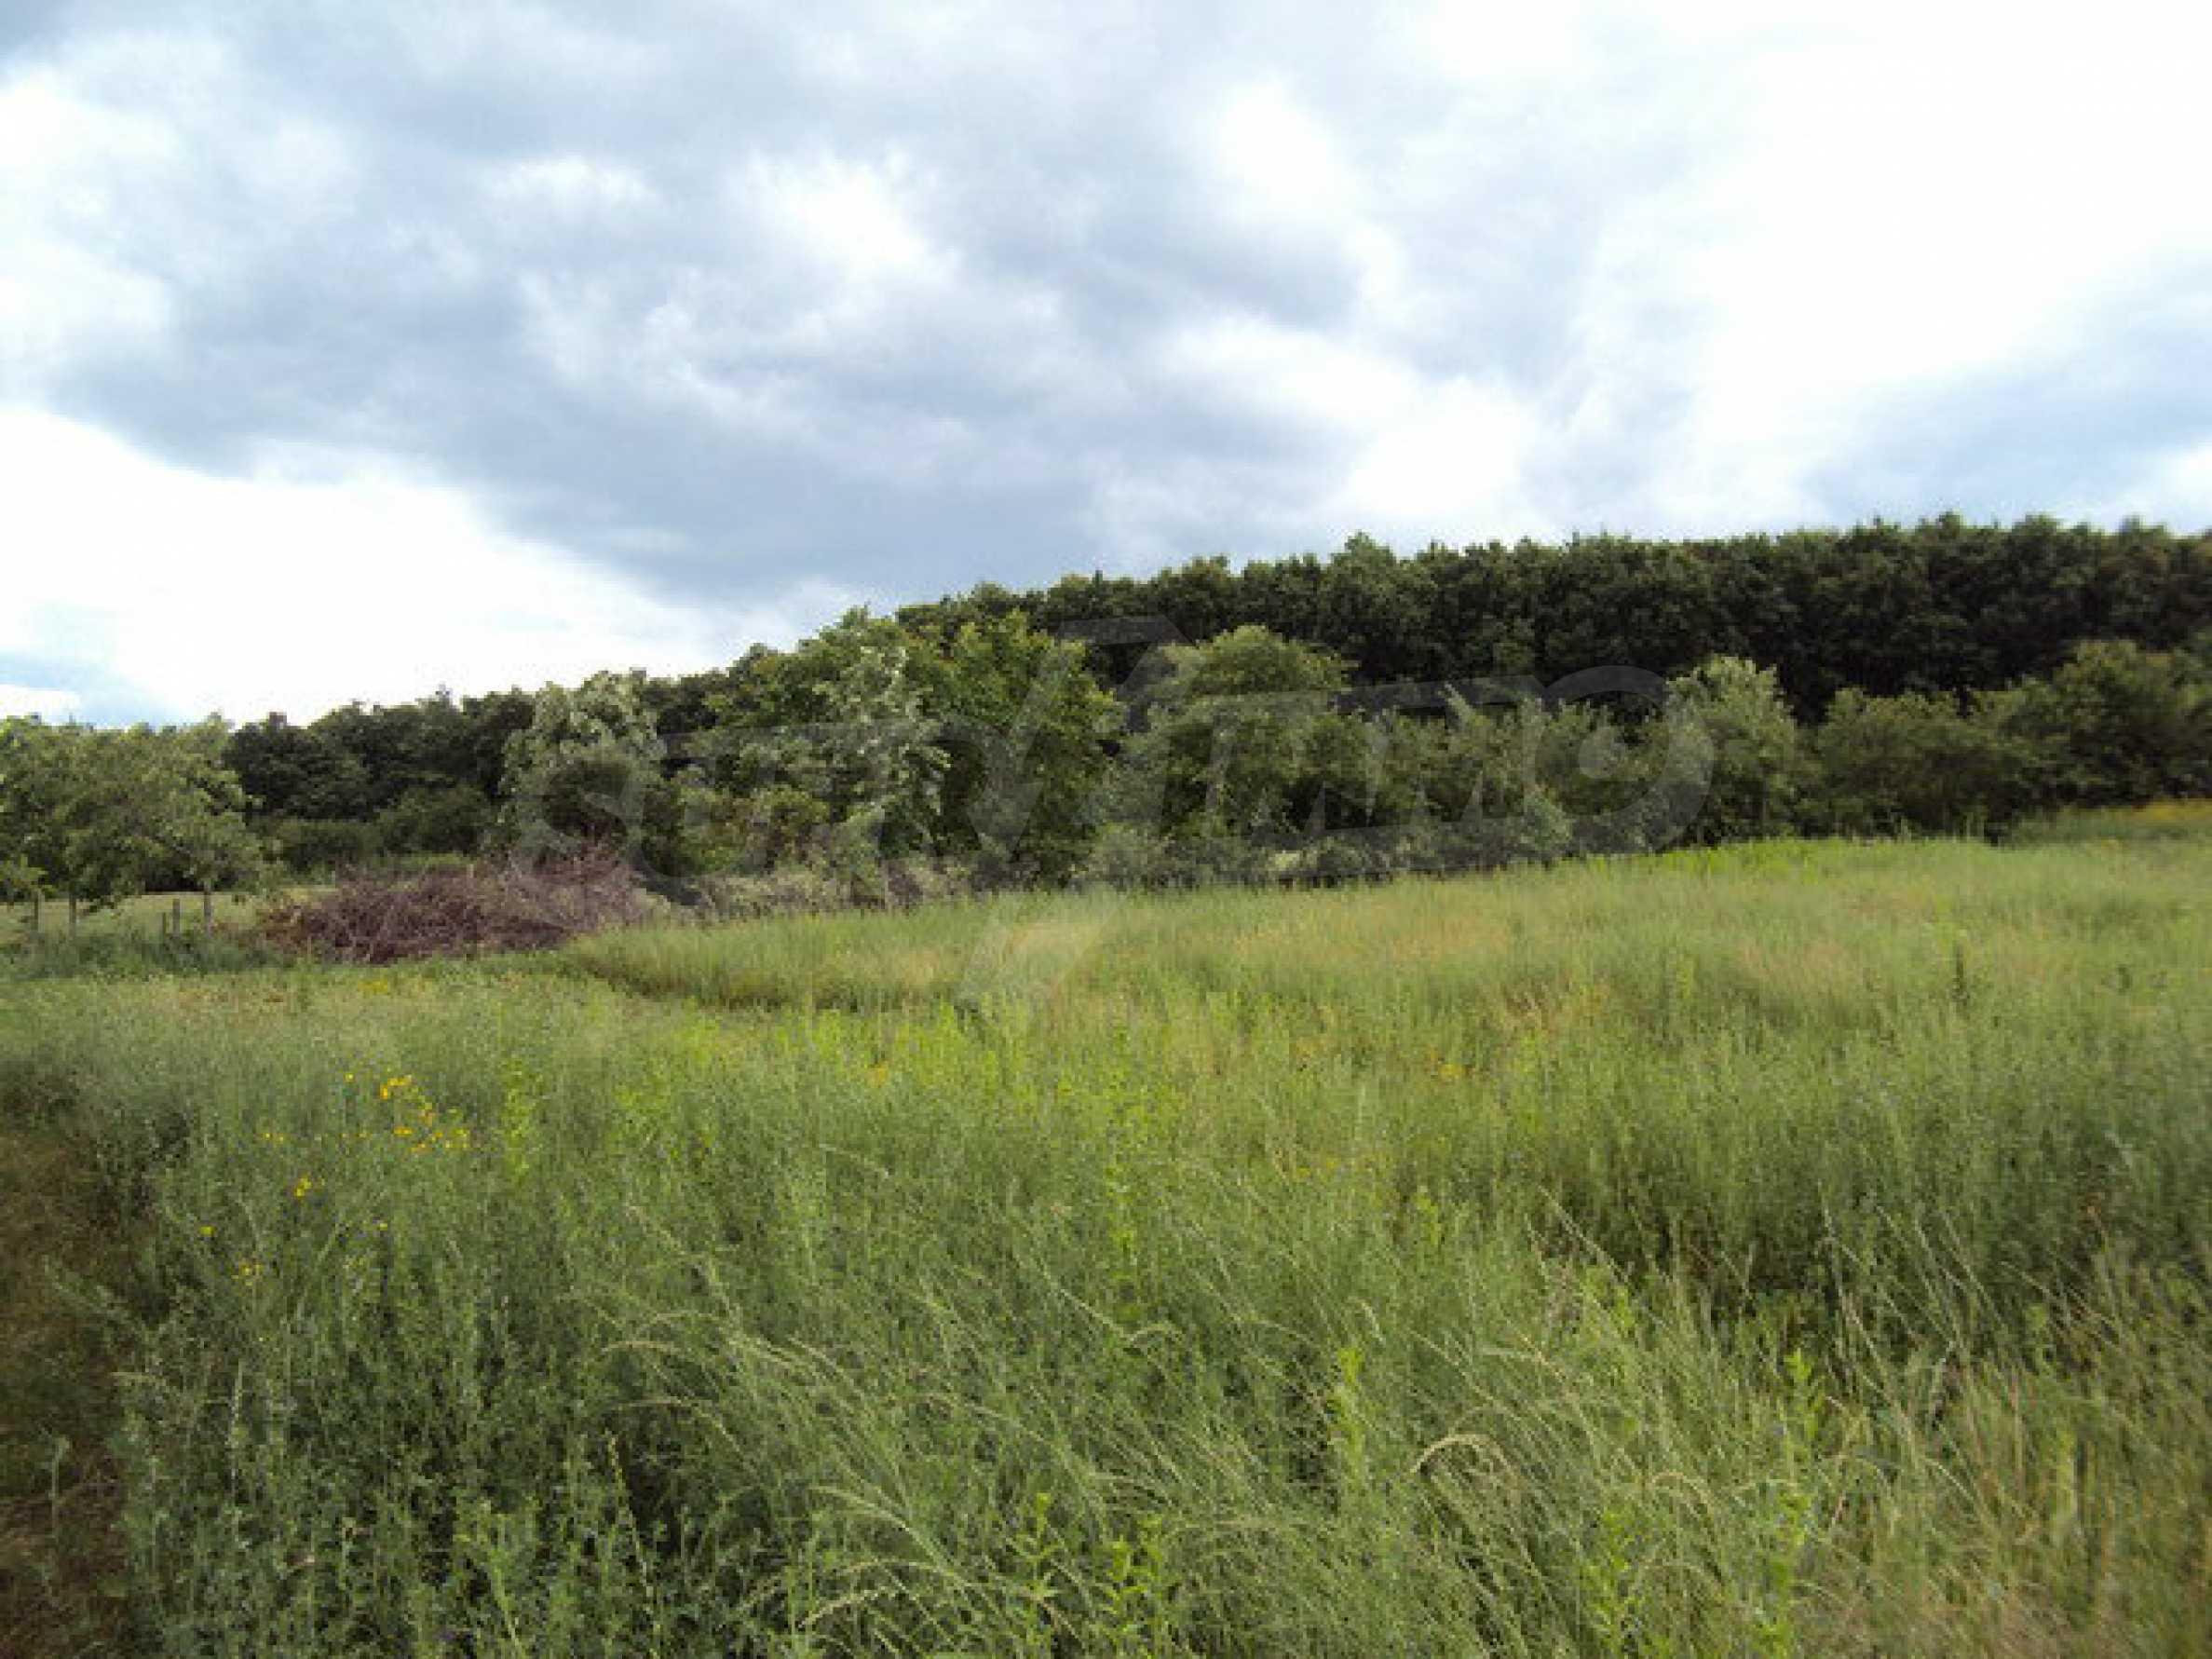 Zweistöckiges Landhaus mit Garten 50 km. von der alten Hauptstadt Veliko Tarnovo 15